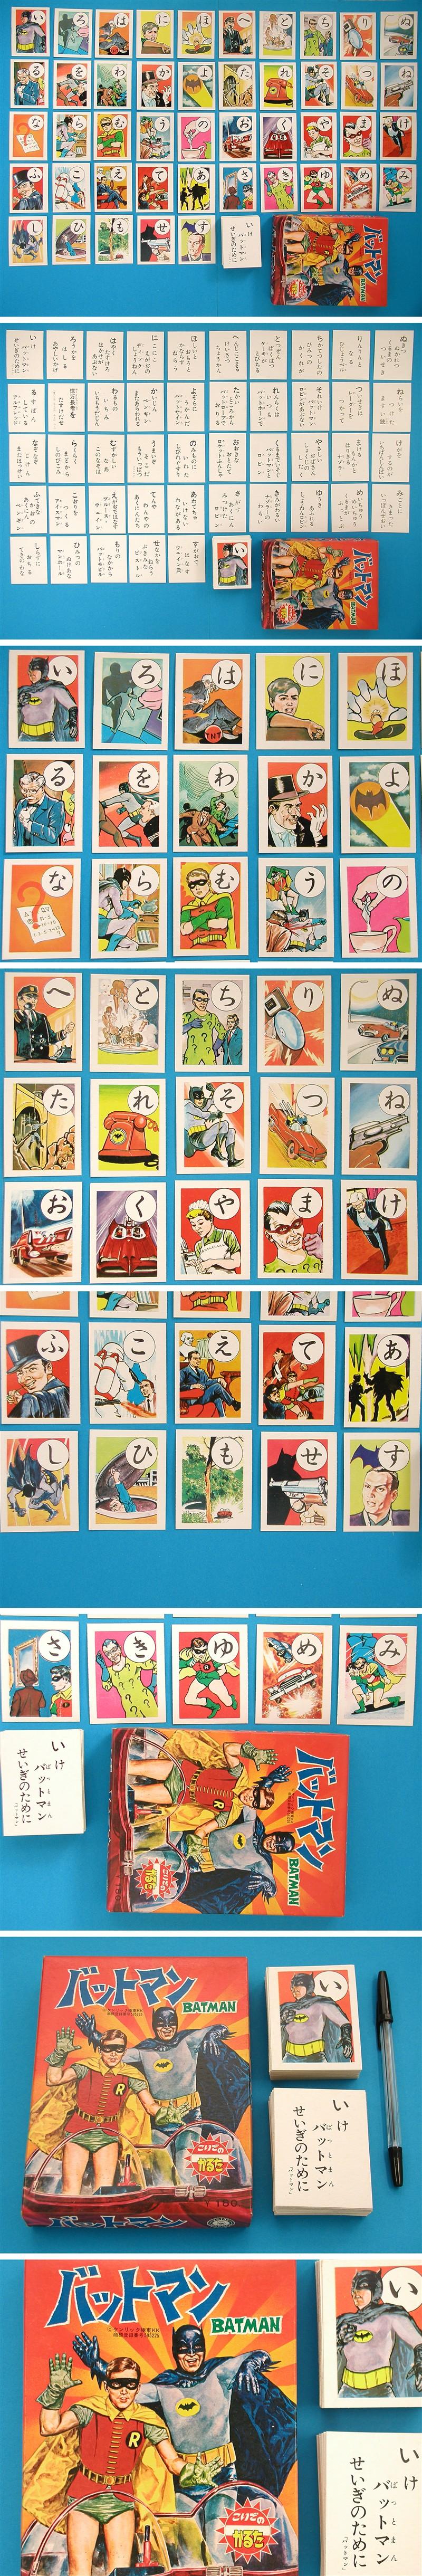 batman_japanesekarutagame.jpg